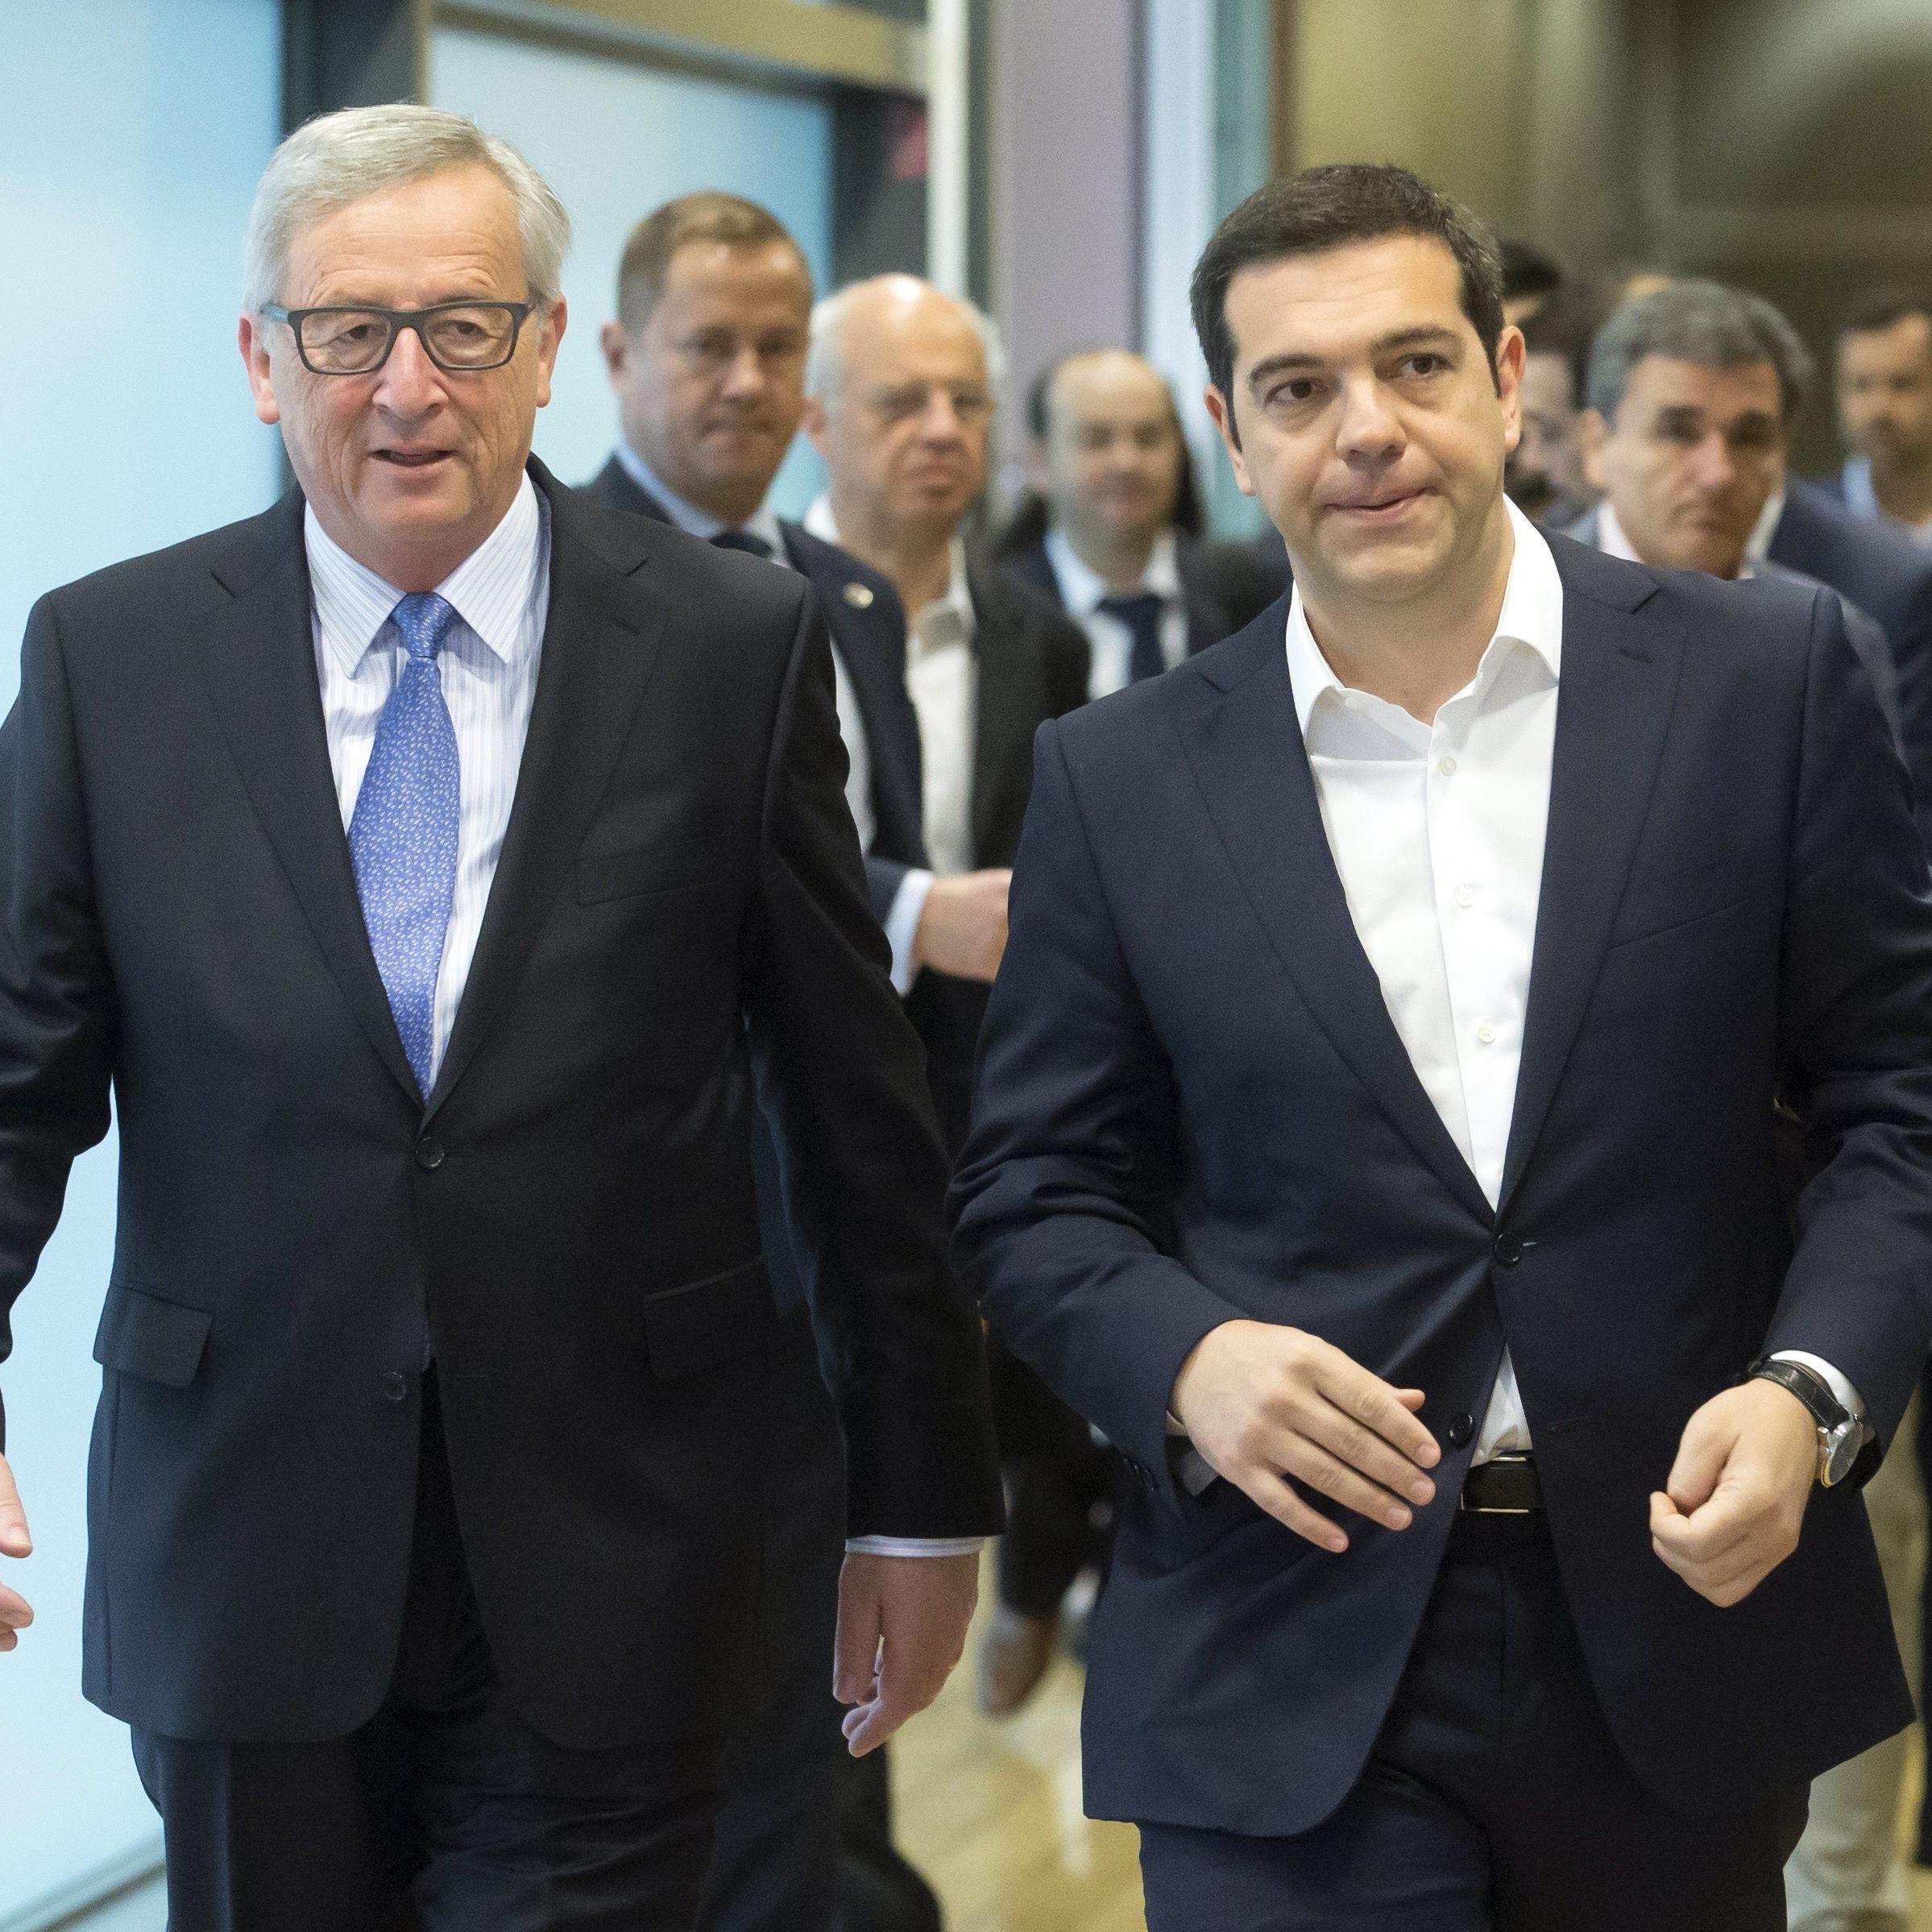 Zähes Ringen um Einigung mit Griechenland vor EU-Gipfel.